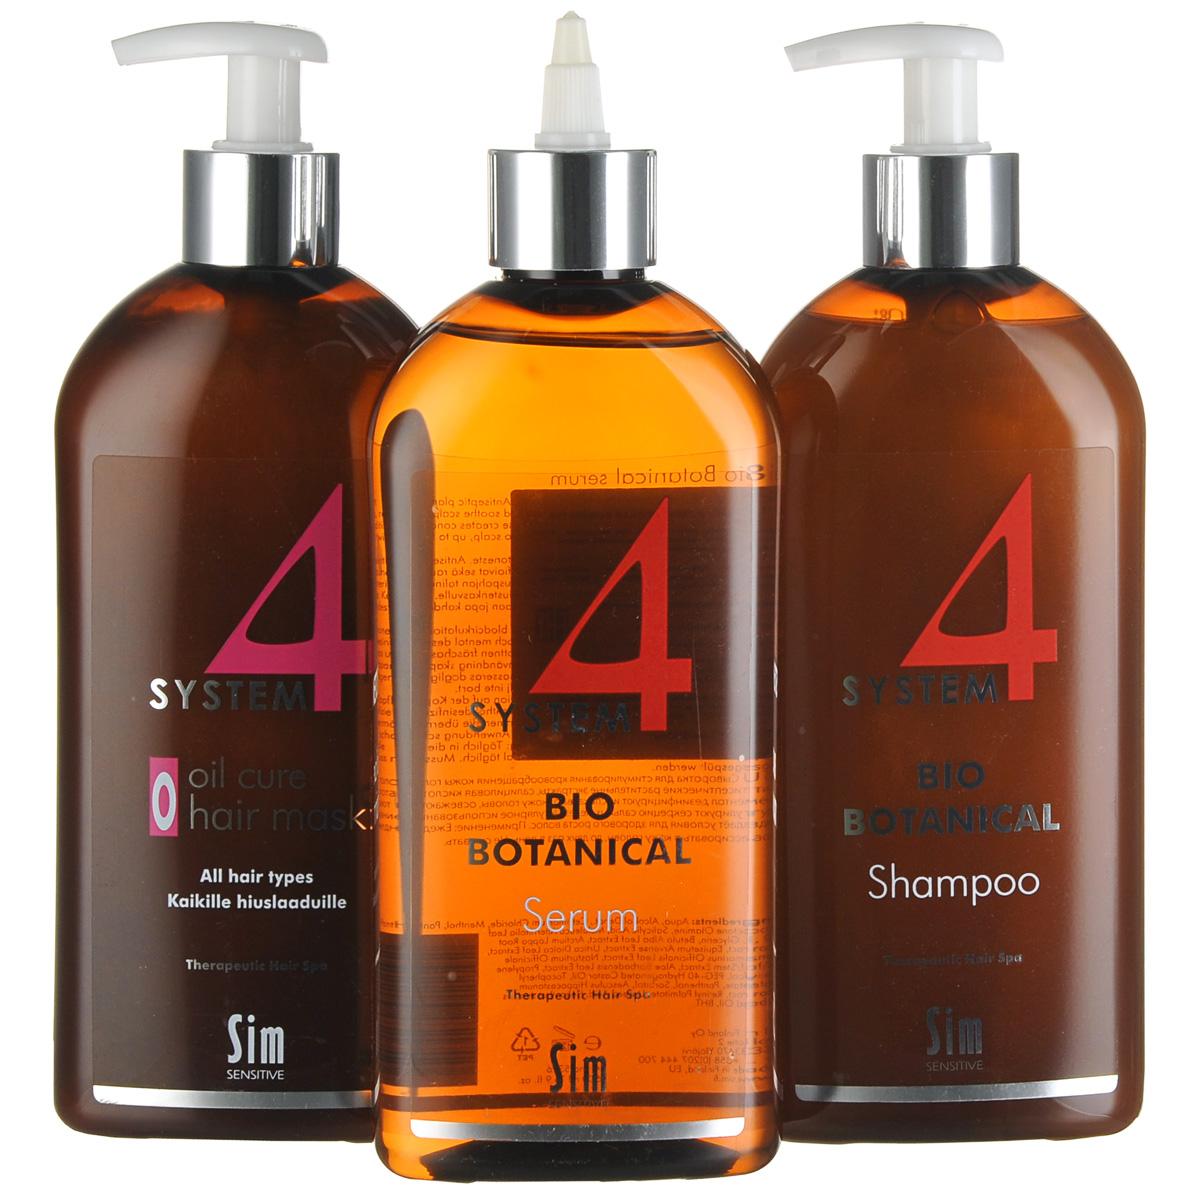 SIM SENSITIVE МАКСИ Комплекс от выпадения волос SYSTEM 4 : Био Ботанический шампунь SYSTEM 4 (500мл), Био Ботаническую сыворотку SYSTEM 4 (500мл), Терапевт. маскаО SYSTEM 4 (500мл), маленький пакет50404ОСТАНАВЛИВАЕТ ВЫПАДЕНИЕ ВОЛОС СОЗДАЕТ УСЛОВИЯ ДЛЯ РОСТА НОВЫХ ЗДОРОВЫХ ВОЛОС ПИТАЕТ ВОЛОСЯНЫЕ ЛУКОВИЦЫ И НОРМАЛИЗУЕТ МИКРОЦИРКУЛЯЦИЮ КОЖИ ГОЛОВЫ Трихологами доказано, что в борьбе с выпадением волос решающим фактором является время. Если вы игнорируете симптомы болезни и затягиваете с профессиональным лечением, то вы рискуете потерять волосяные покровы безвозвратно. Комплекс от выпадения волос «Систем 4» включает средства, работающие в 3 этапа: Этап 1. Глубокое очищение кожи головы Этап 2. Насыщение волосяных луковиц питательными веществами Этап 3. Стимуляция роста новых здоровых волос Эффективность комплекса подтверждена ведущими дерматологами и три- хологами России* НАЧНИТЕ ТЕРАПИЮ С «СИСТЕМ 4» СЕГОДНЯ И УЖЕ ЧЕРЕЗ 30 ДНЕЙ ВЫ ВЕРНЕТЕ СЕБЕ ЗДОРОВЫЕ ГУСТЫЕ ВОЛОСЫ!* Эффективность комплекса подтверждается научными работами: «Cеборейные формы поредения волос» Бутов Ю.С., Волкова Е.Н., Полеско И.В., Кафедра кожных и венерических болезней с курсом дерматокосметологии ФУВ РГМУ, 2004, «Опыт...